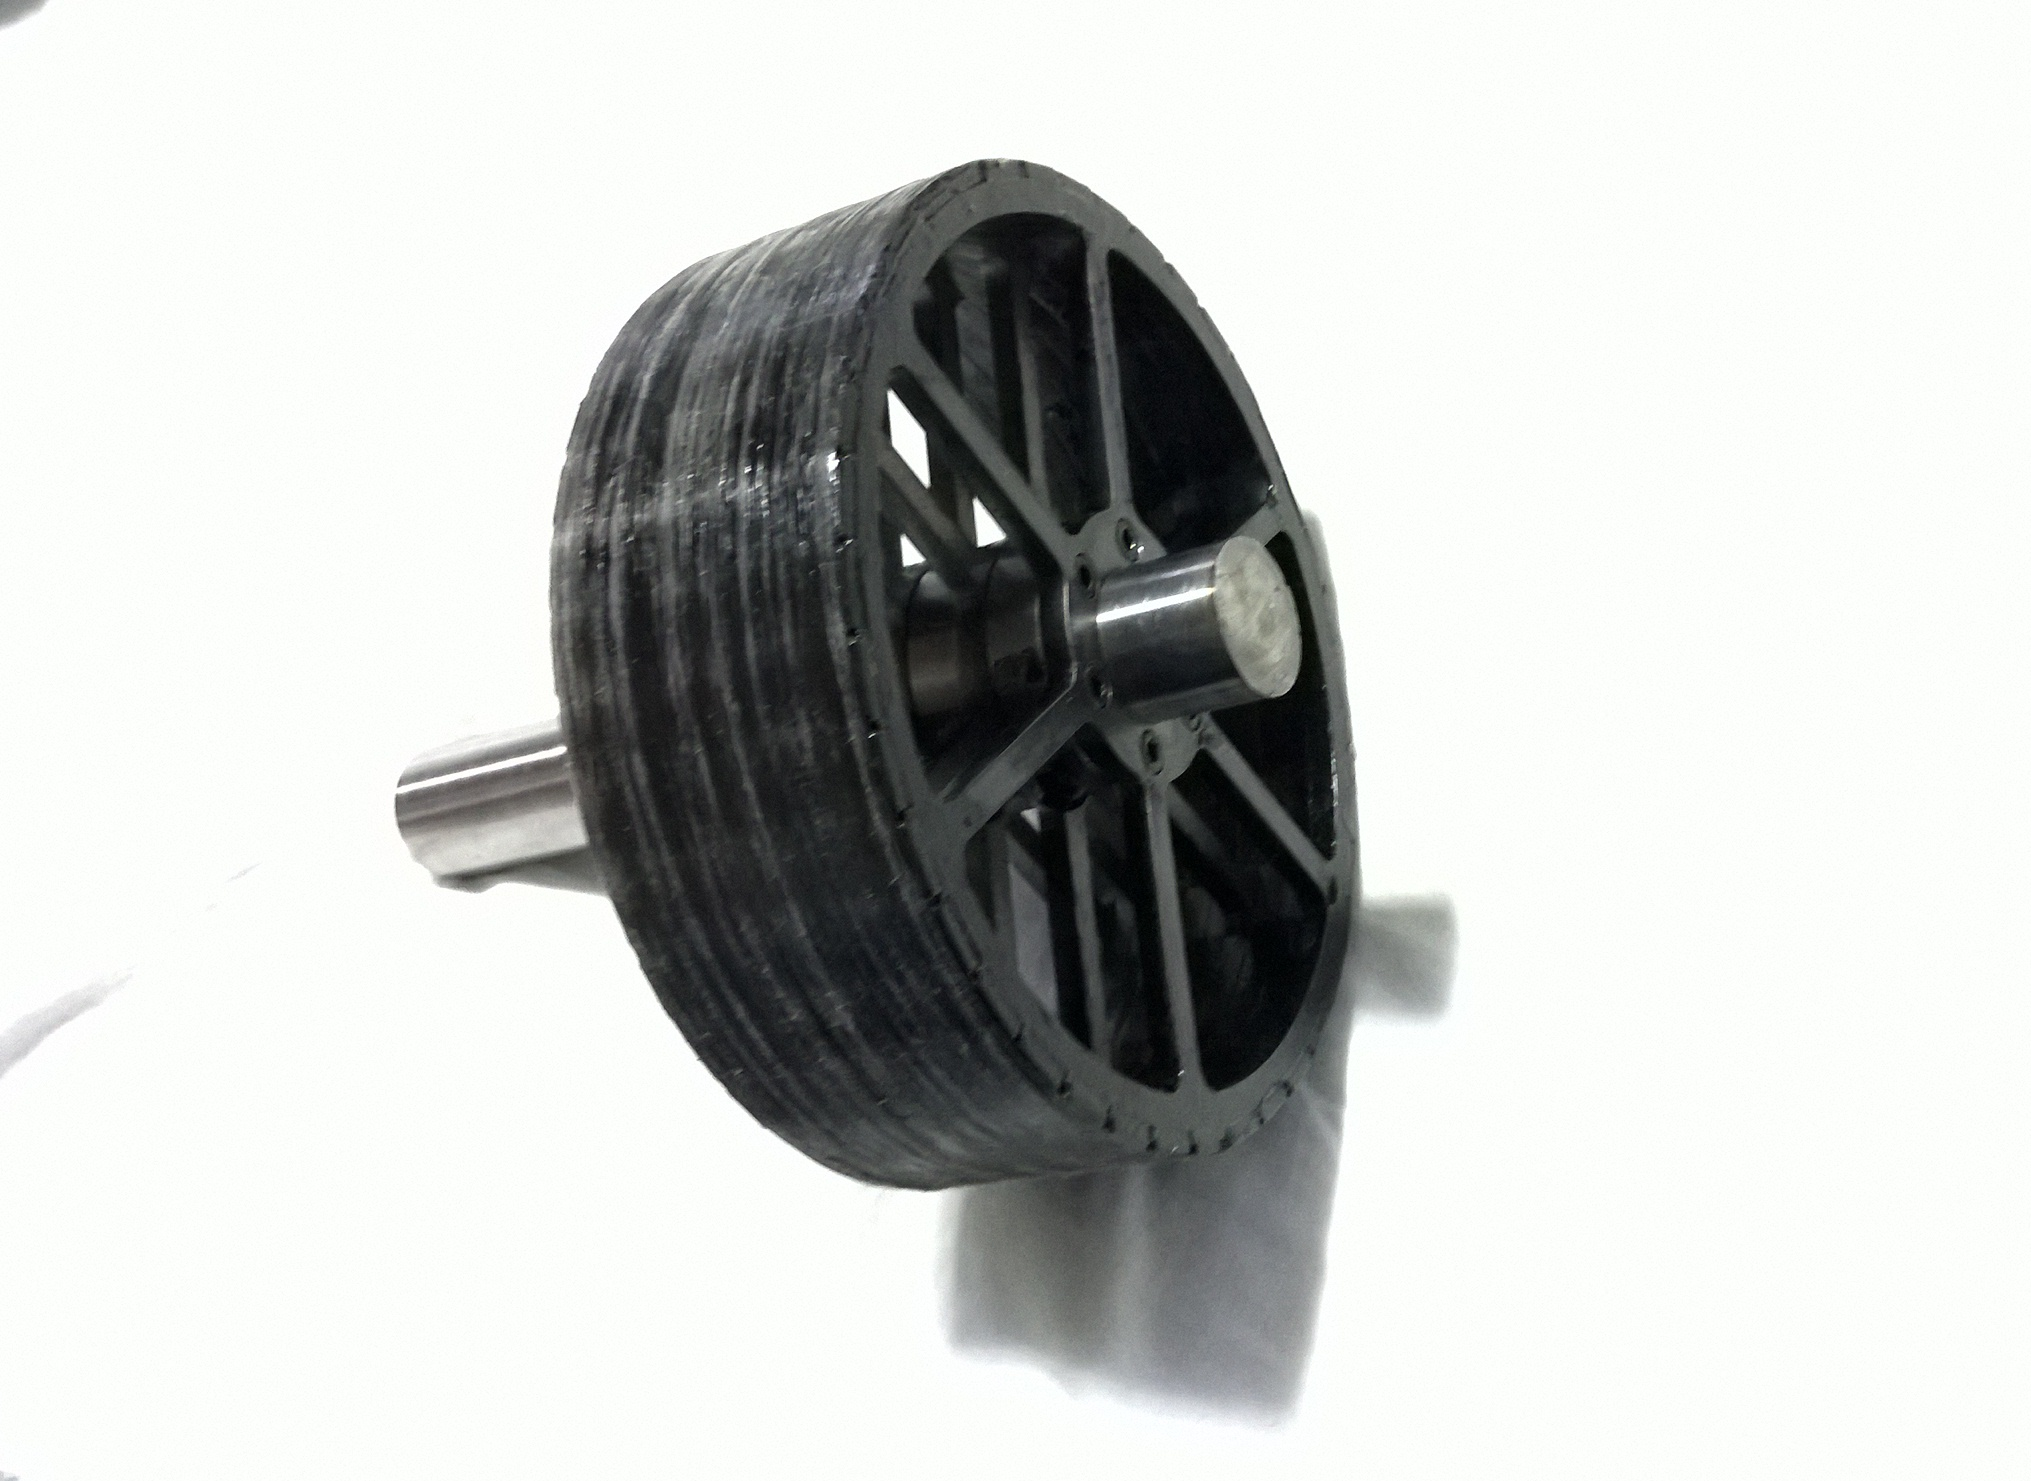 45kw Bushless Motor Design Brushless Motors 3phase Inverters Wiring Diagram As Well Boat Homemade